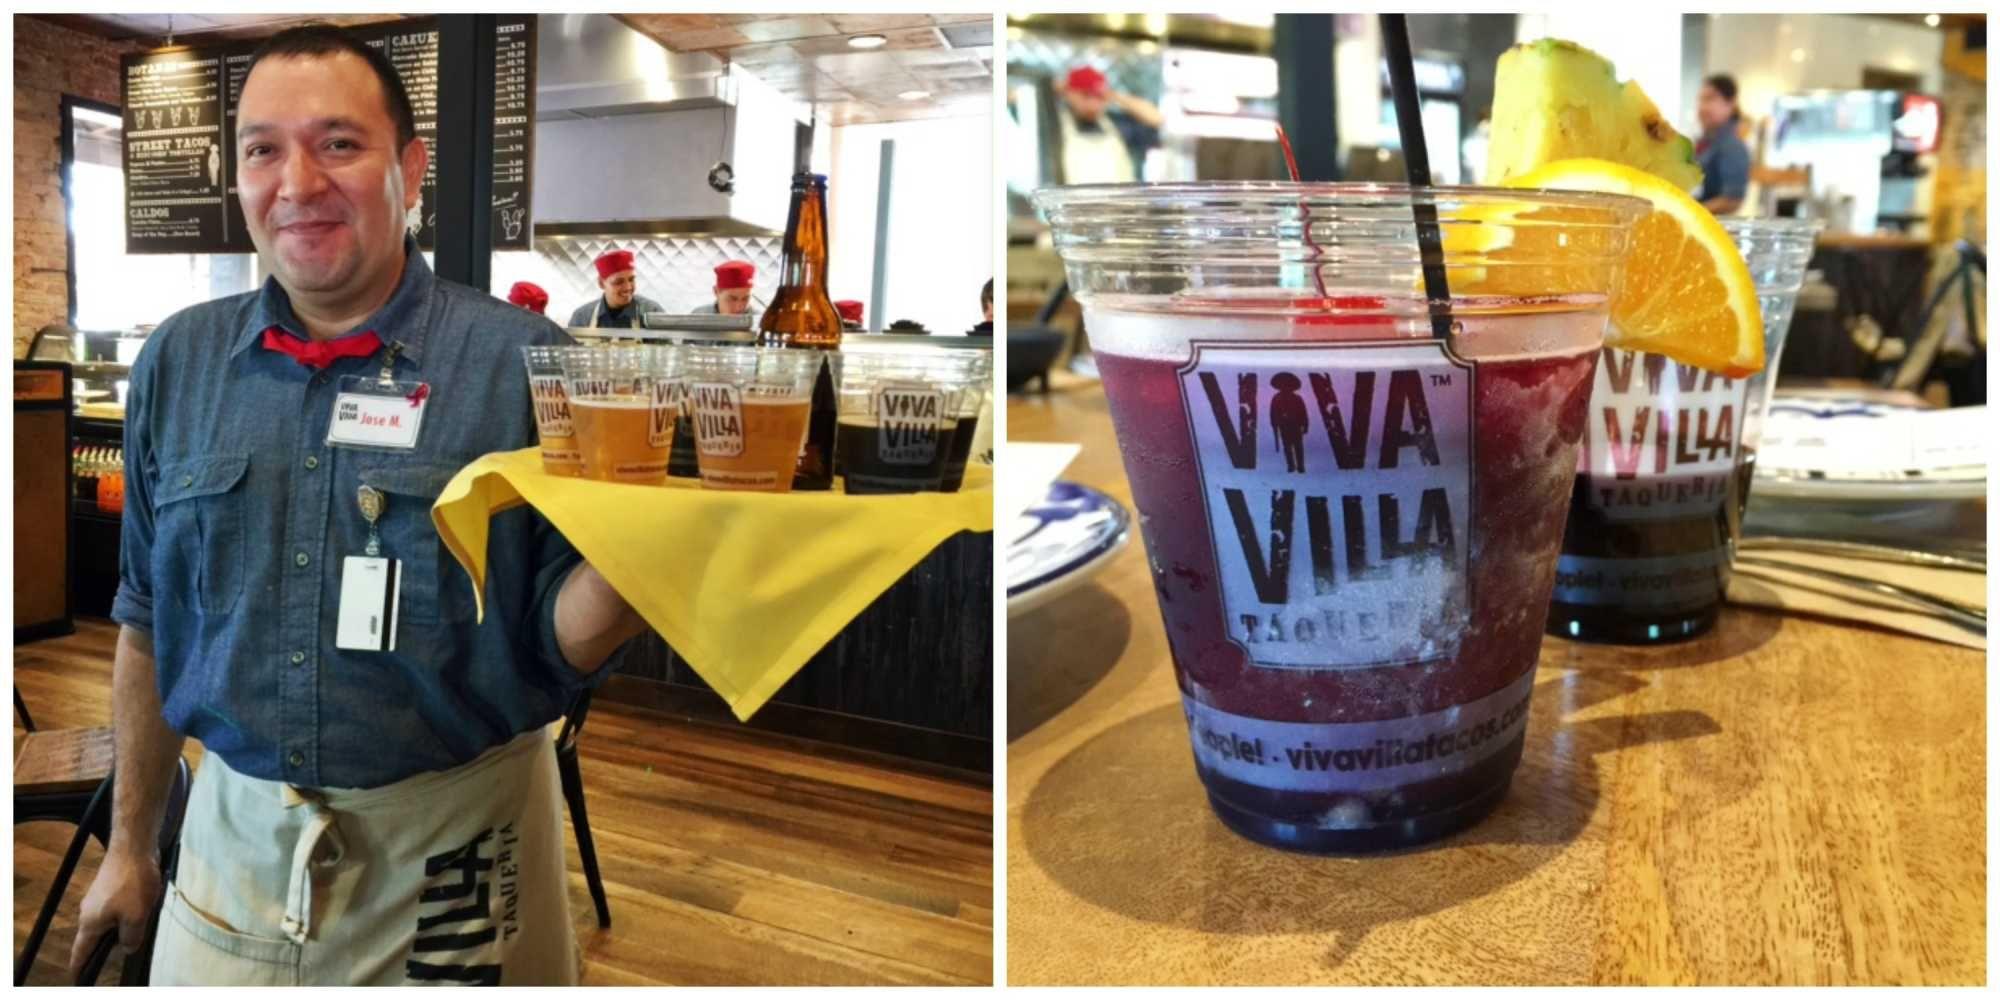 Market Square Restaurant Viva Villa Taquerilla Offers